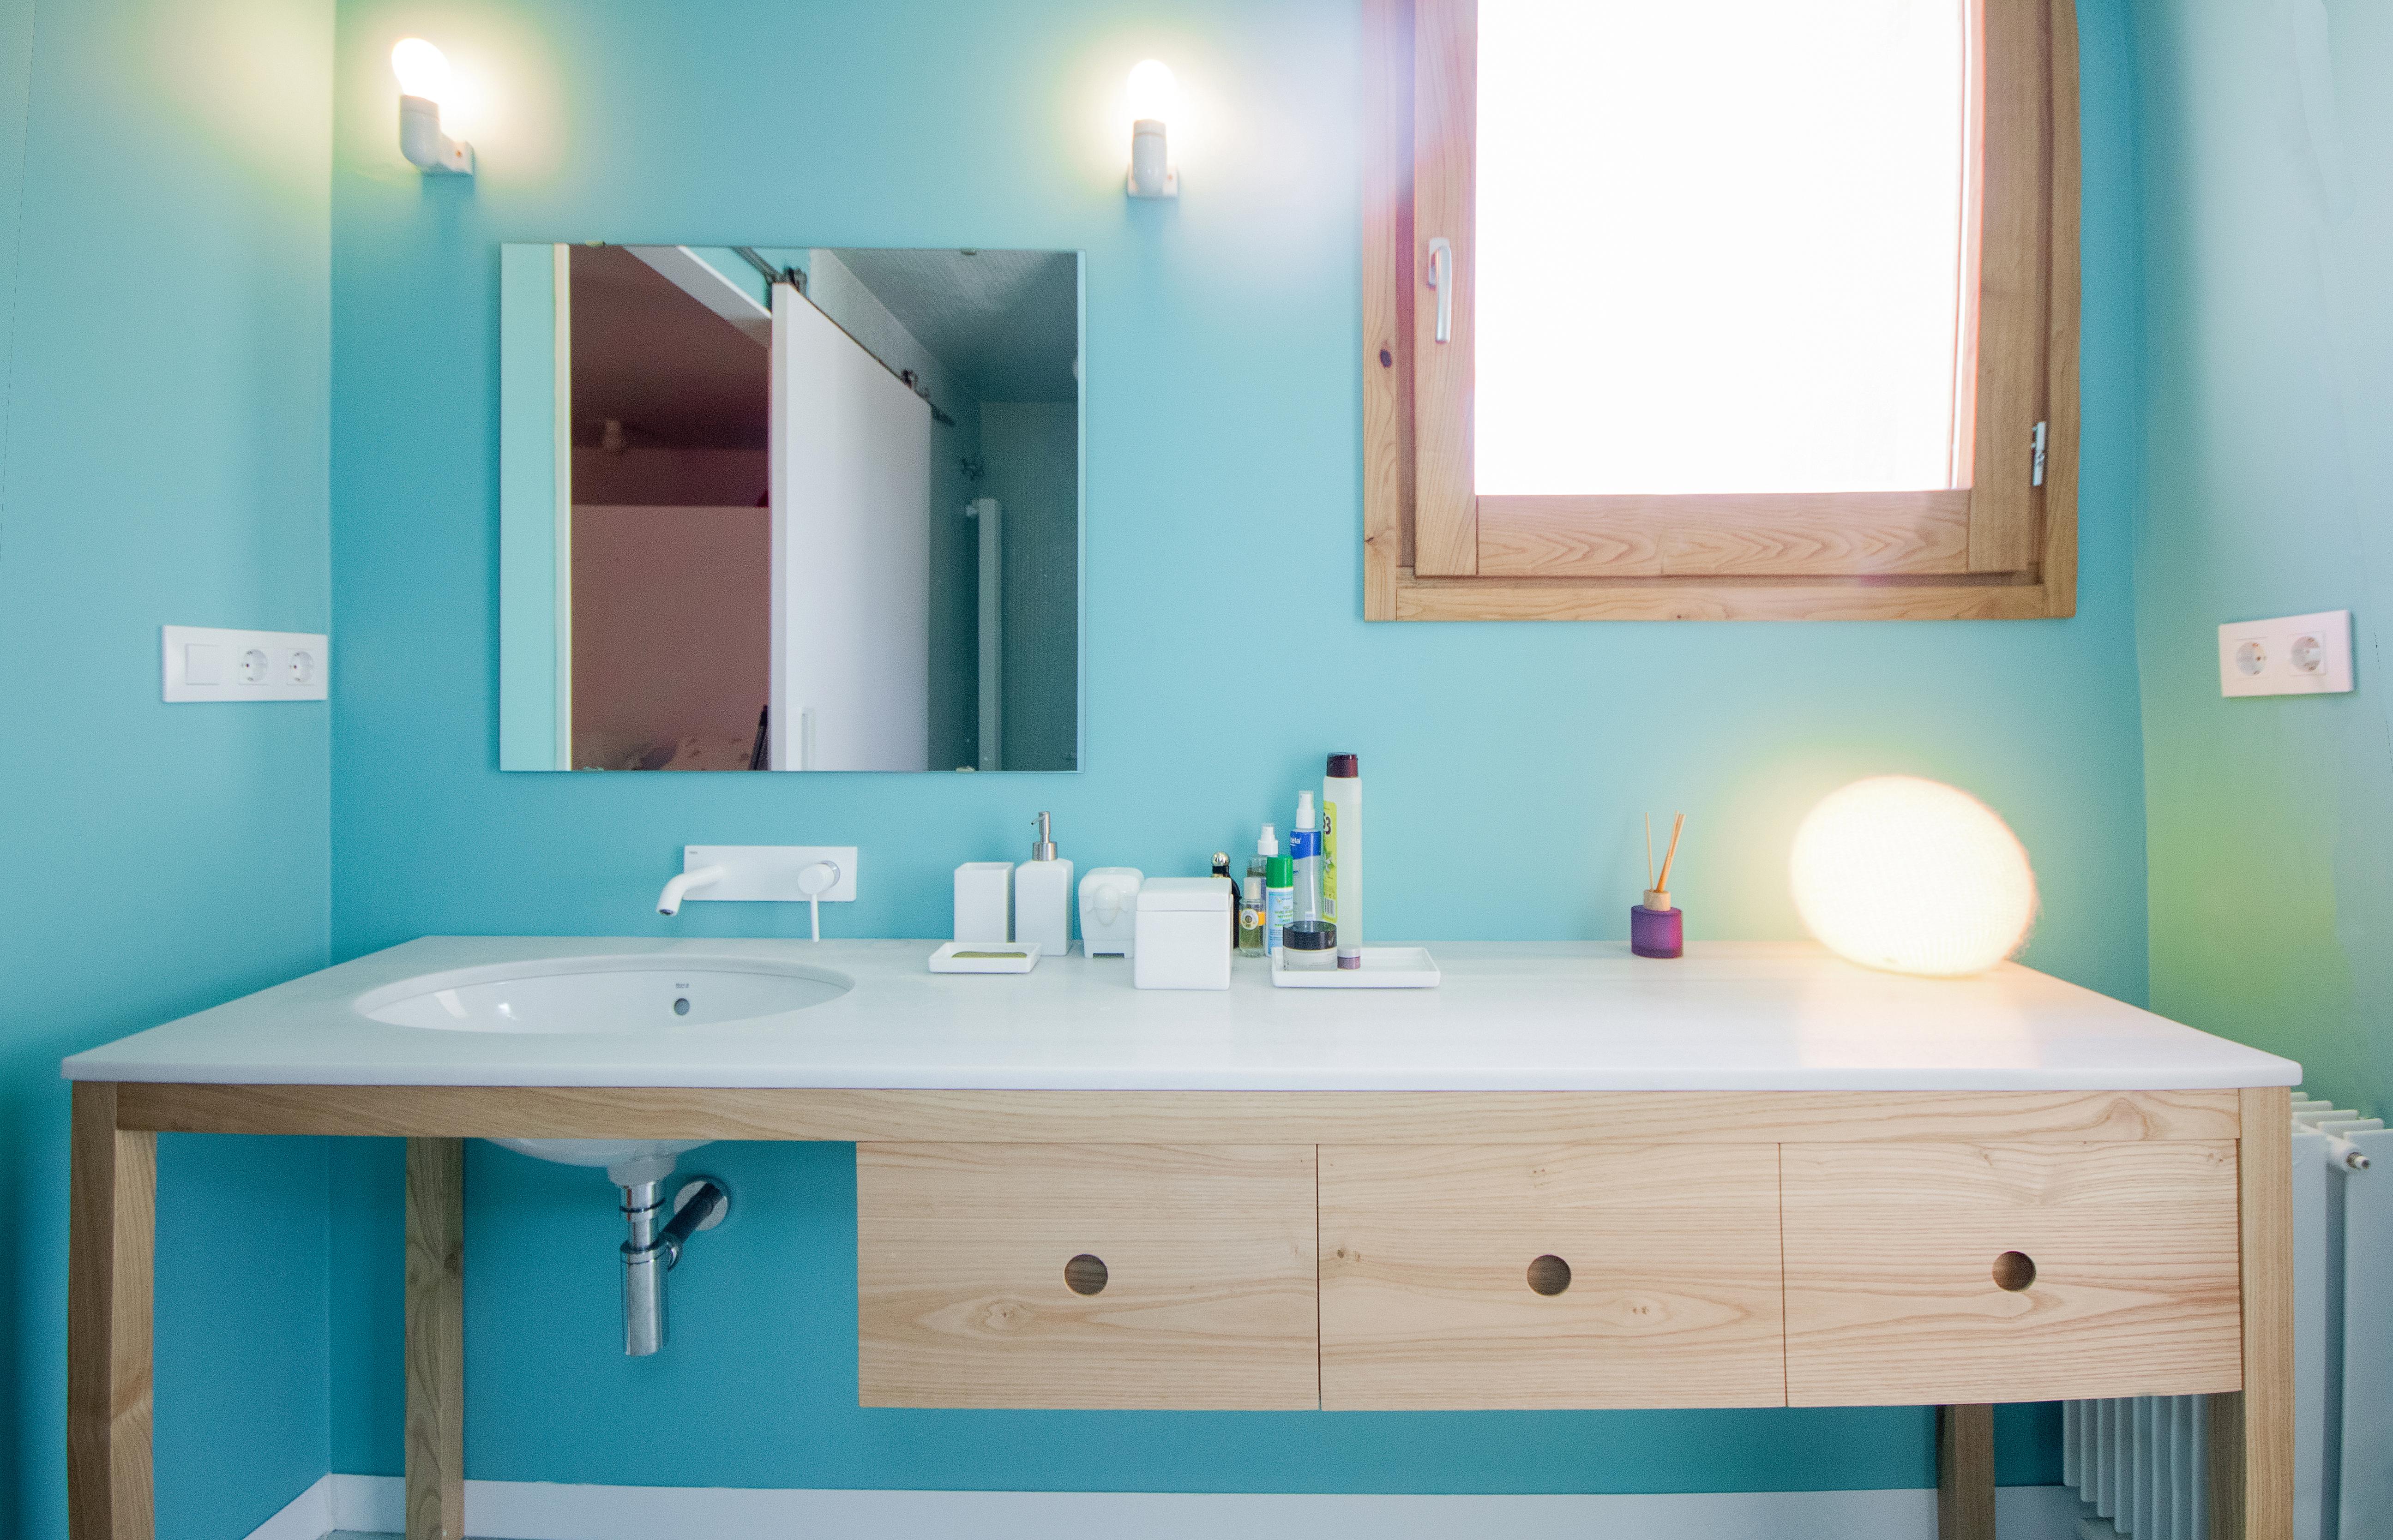 detalle mueble lavabo blanco